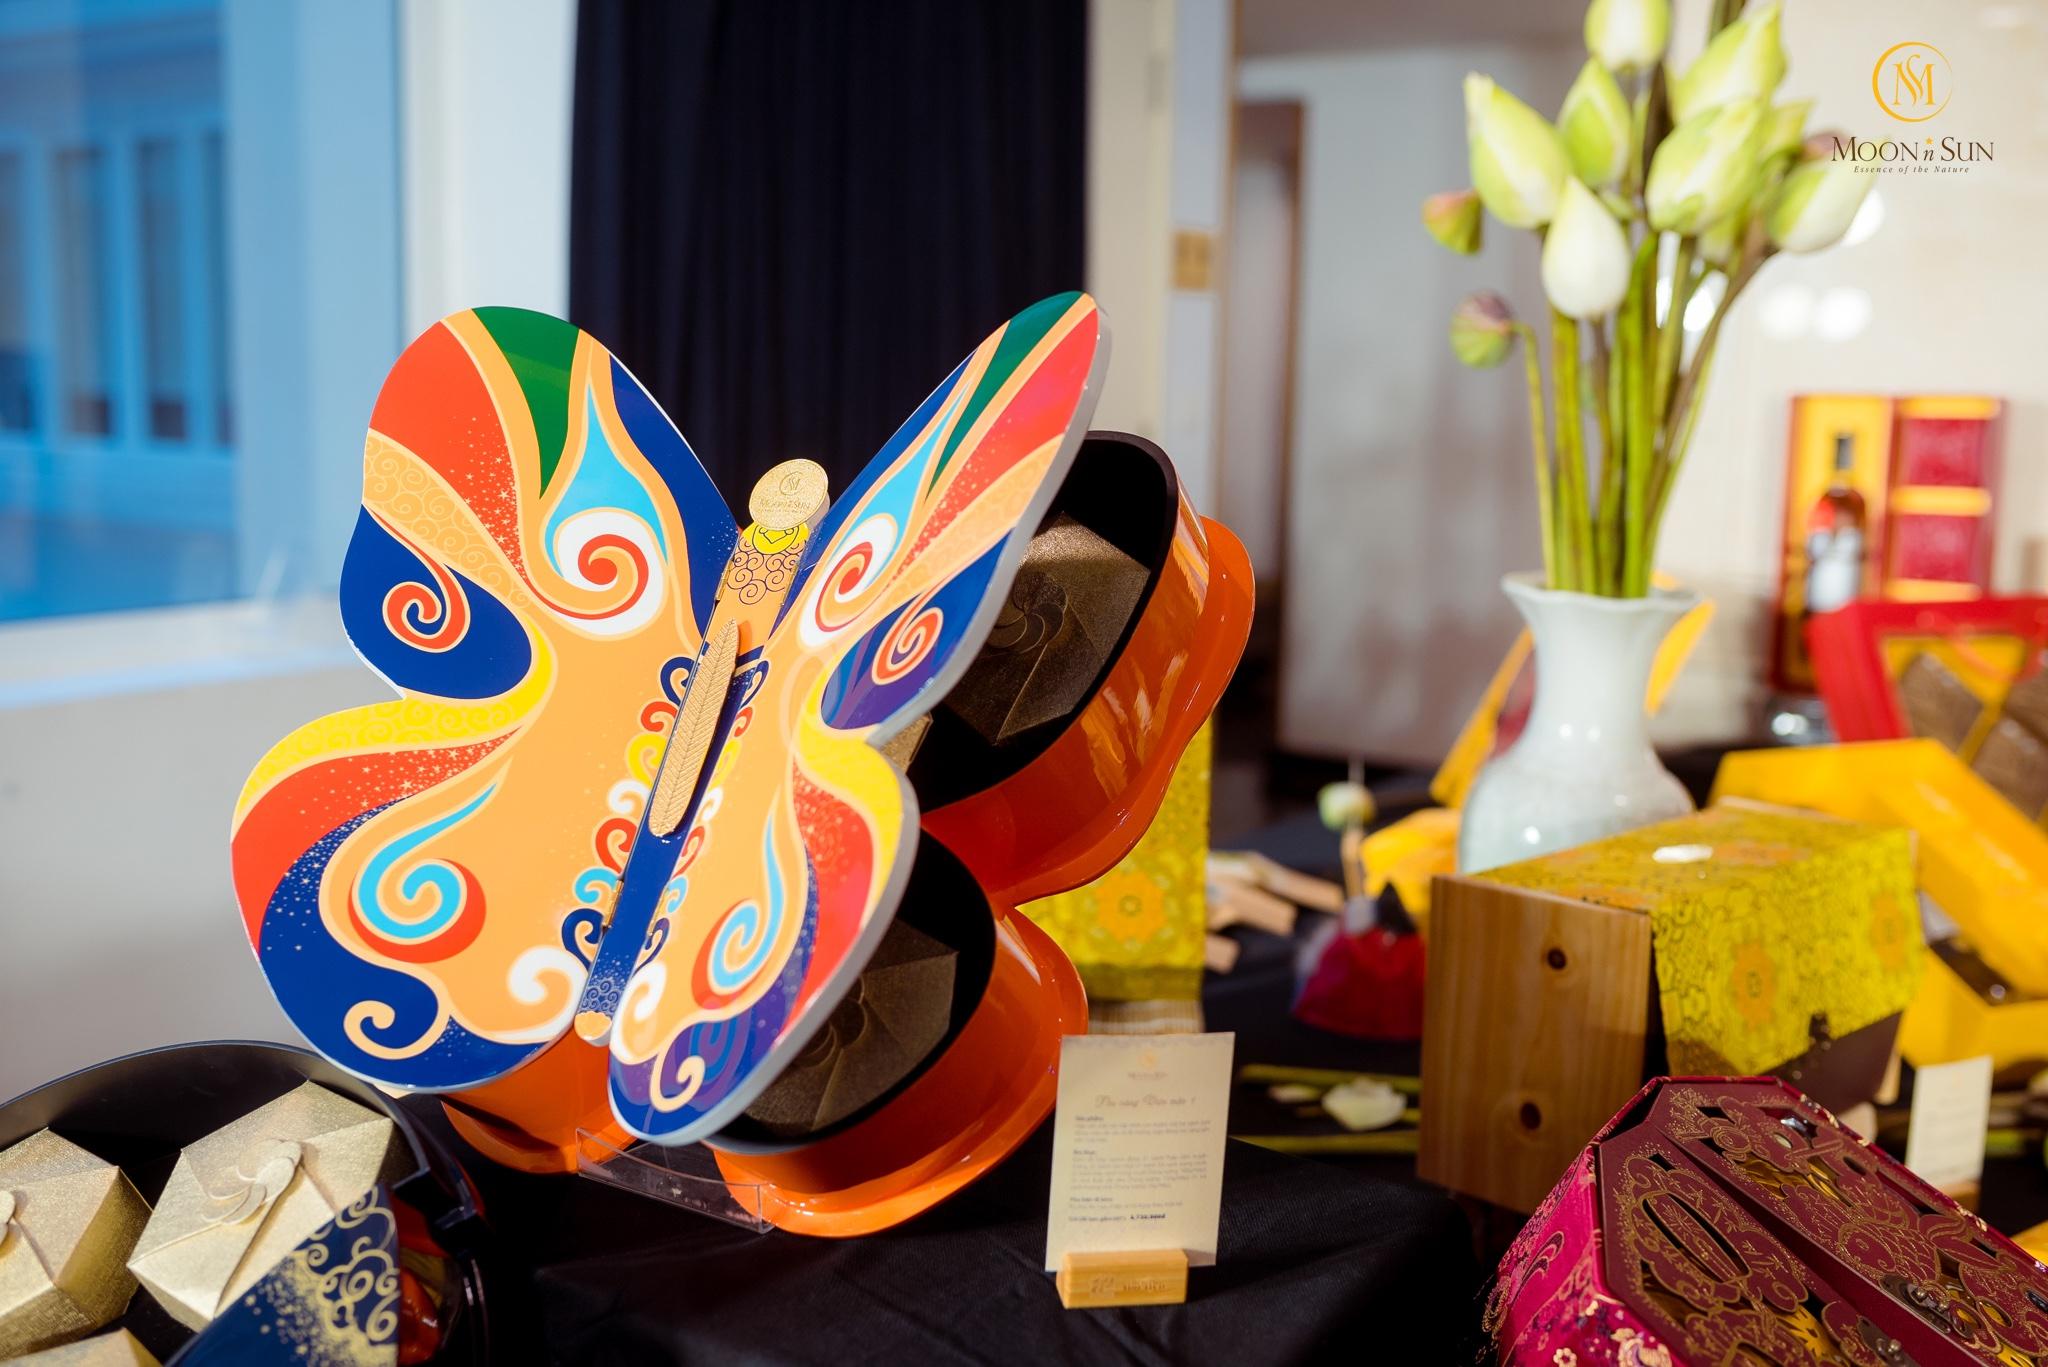 Hộp bánh được chế tác thành hình những cánh bướm cầu kỳ, tỉ mỉ và công phu chứa đựng bao tâm huyết của người trao tặng.